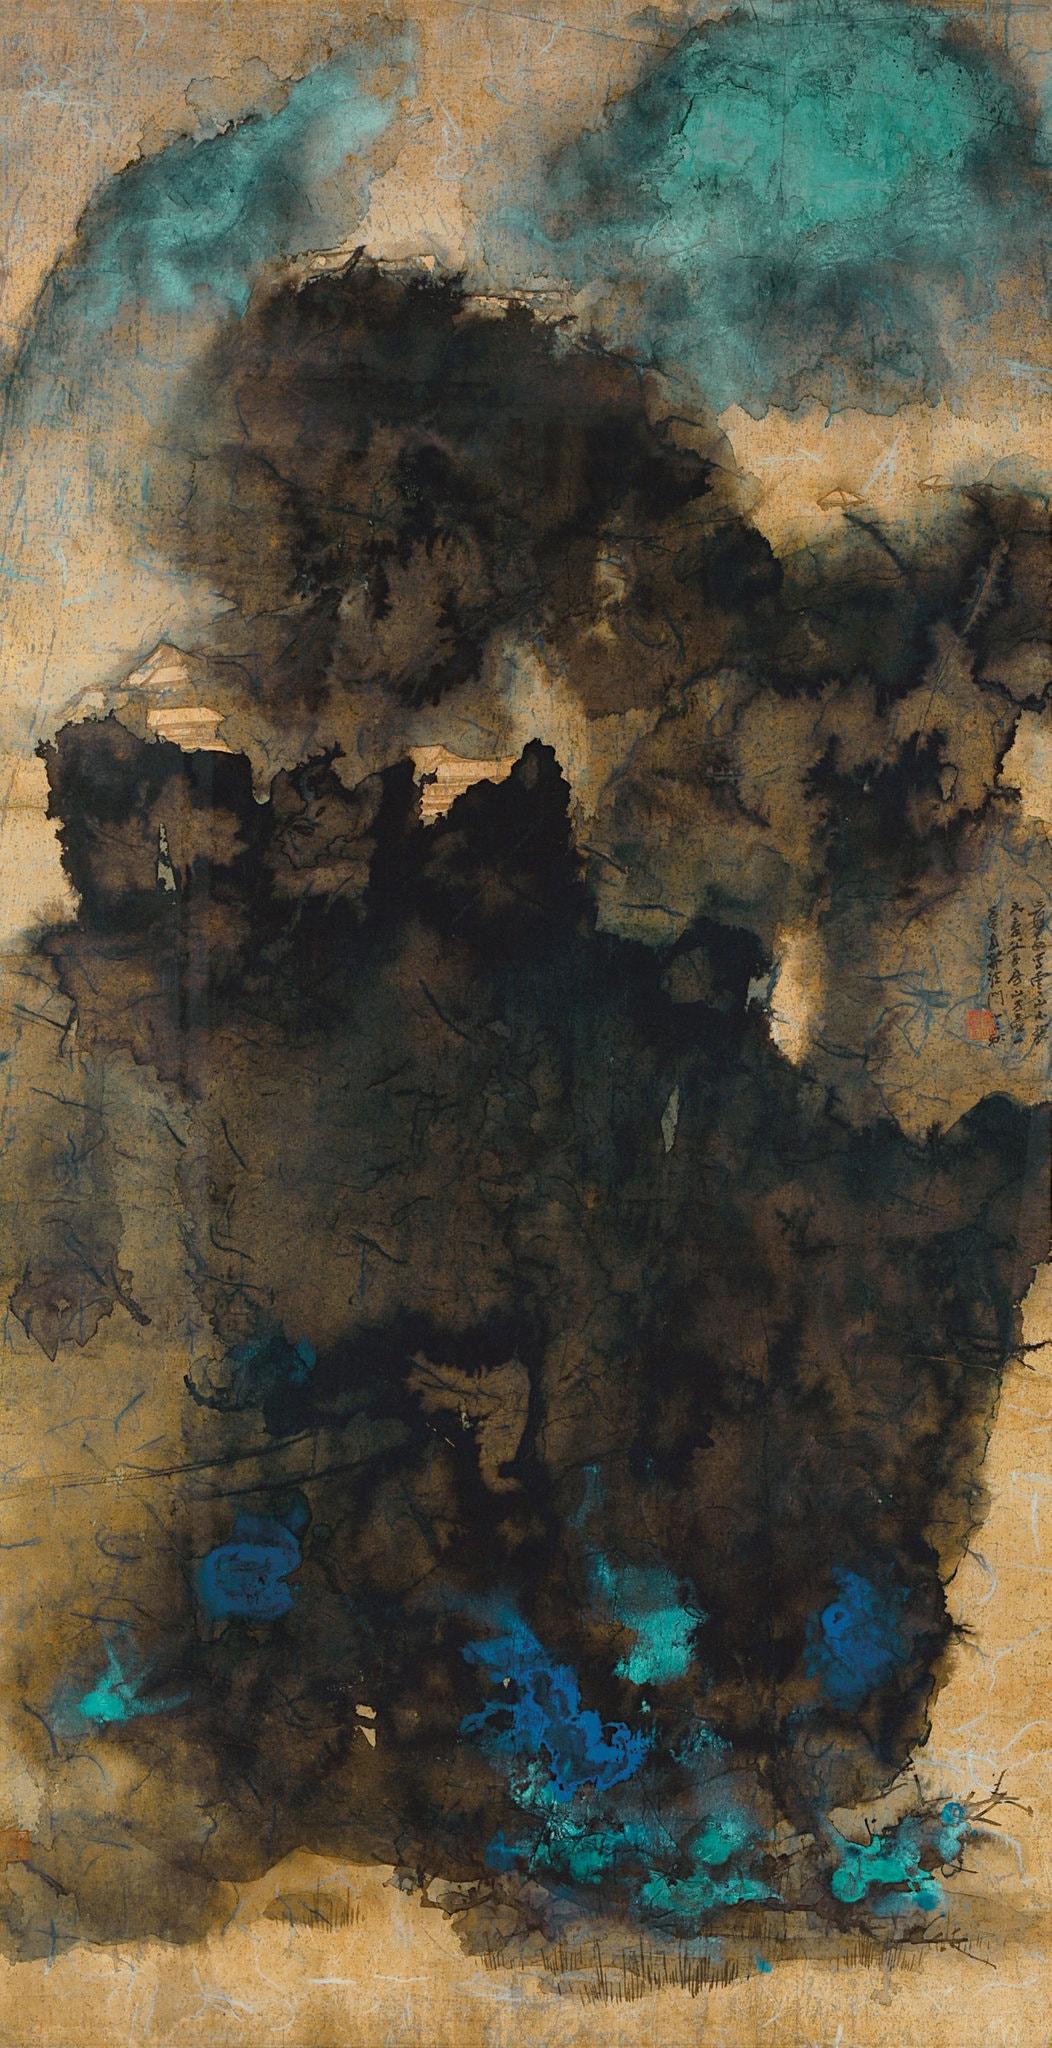 Temples antiques au milieu des nuages, 1965, Zhang Daqian